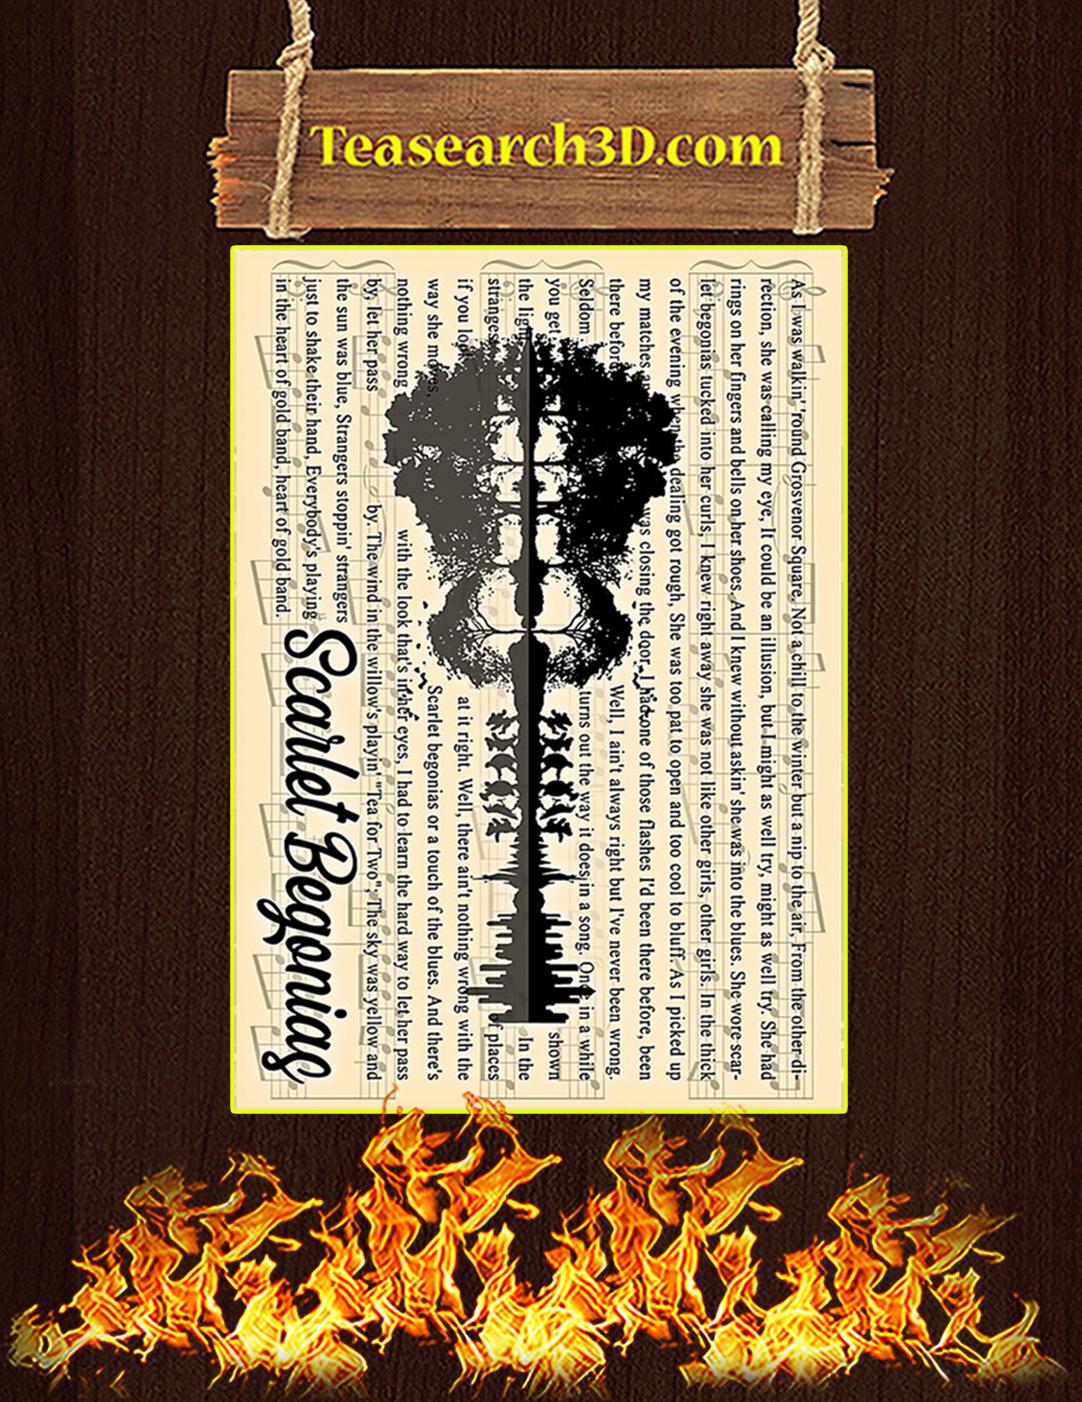 Grateful Dead Scarlet Begonias Poster A2